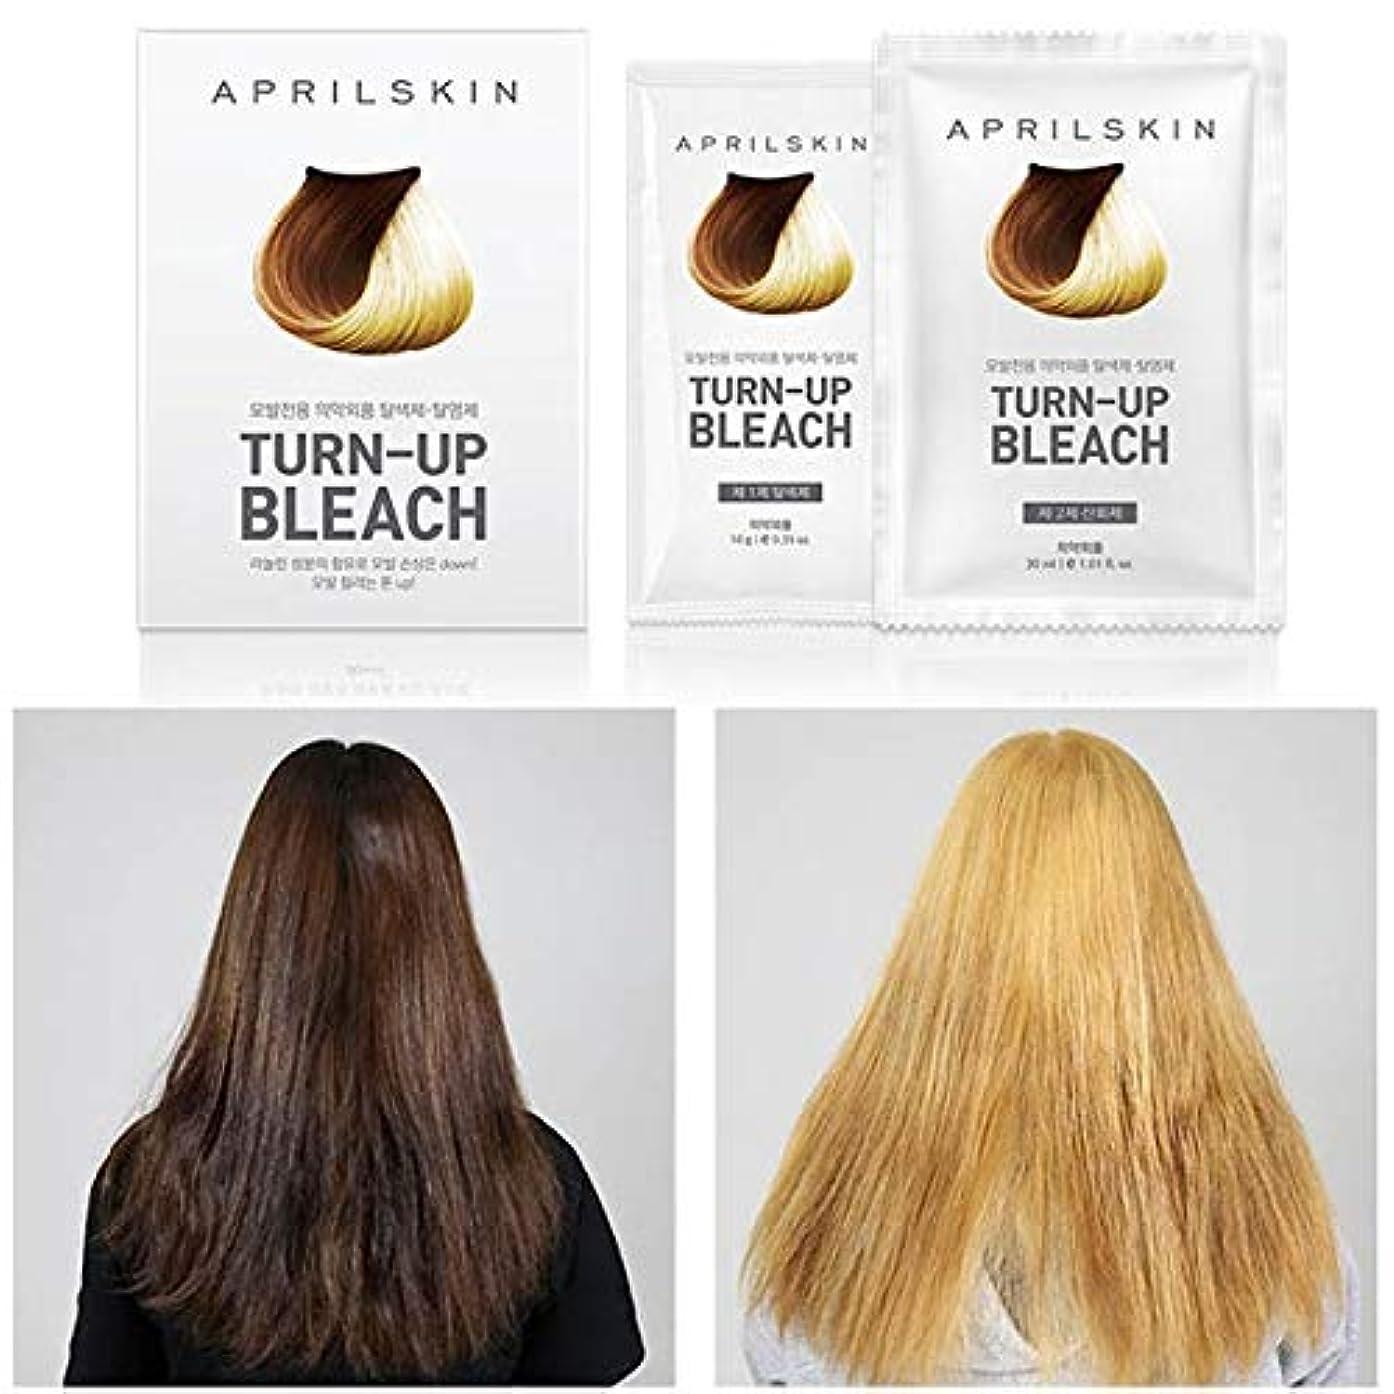 寓話地震暴行エープリル?スキン [韓国コスメ April Skin] 漂白ブリーチ(ヘアブリーチ)Turn Up Bleach (Hair Bleach)/Korea Cosmetics